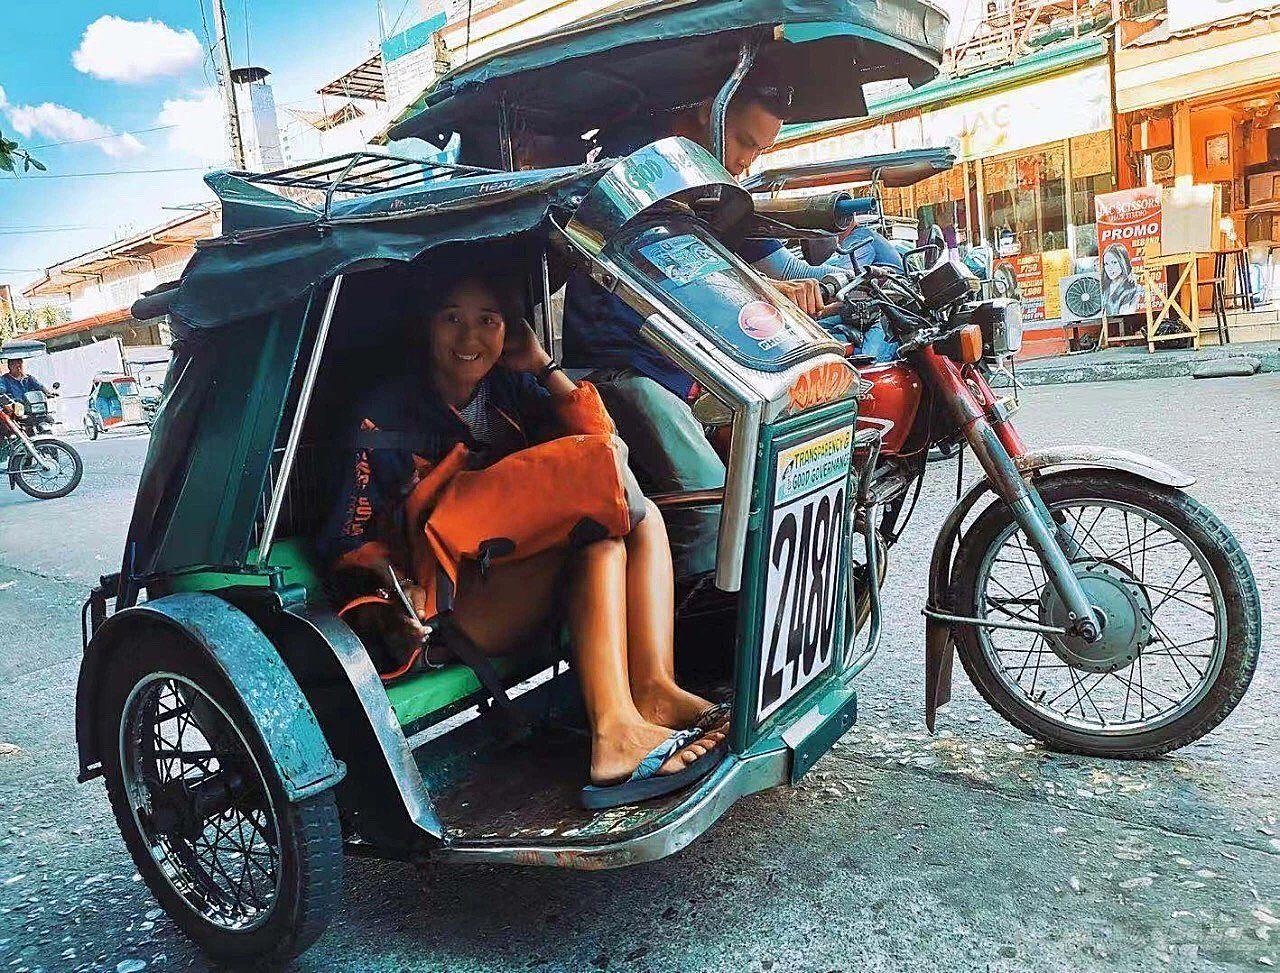 菲律宾,独臂船长,环游世界 【真福利】如果你没读这一篇,入境菲律宾至少多花几万P